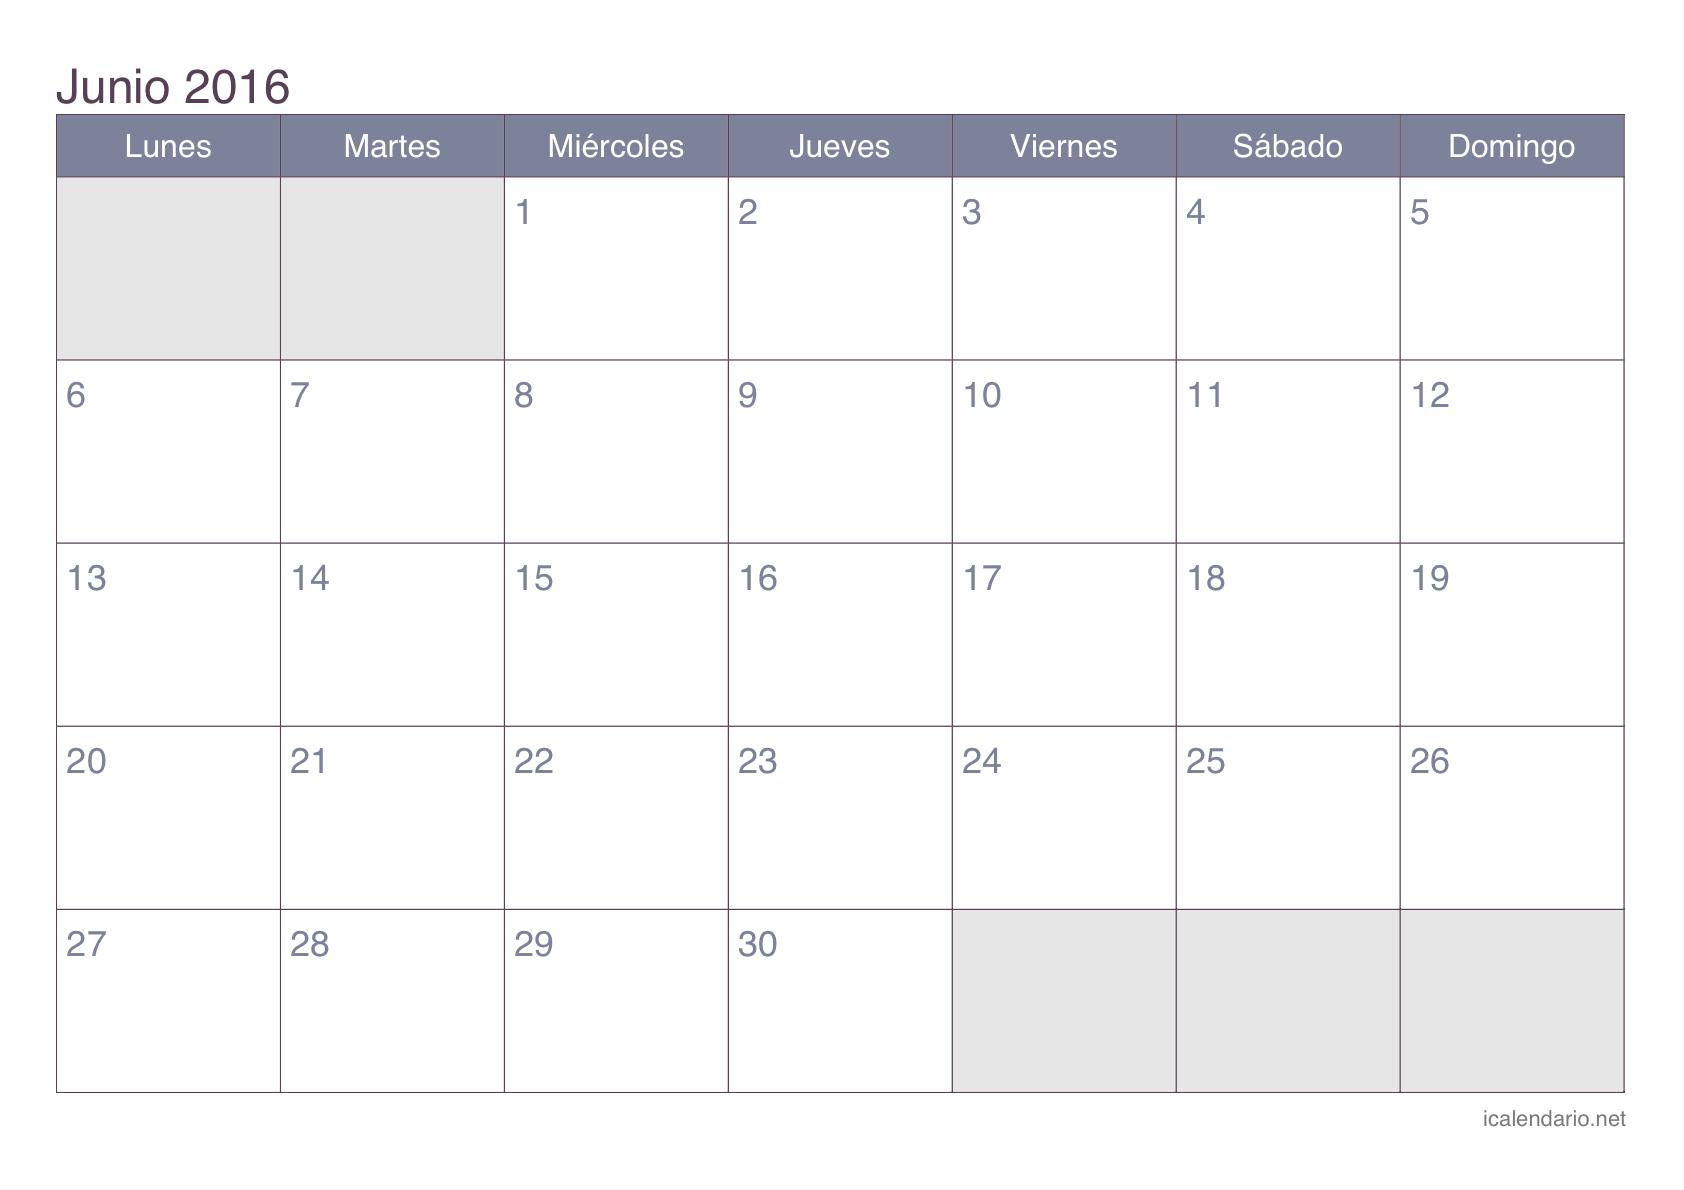 Calendario junio 2016 para imprimir iCalendario.net